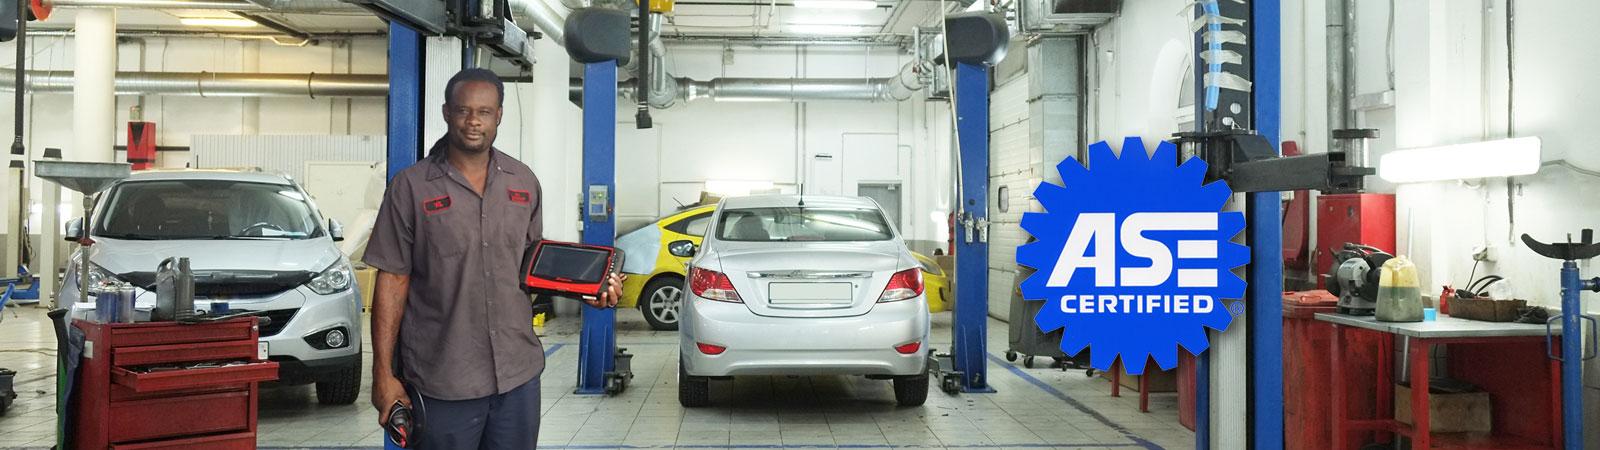 Fort Lauderdale Auto Repair